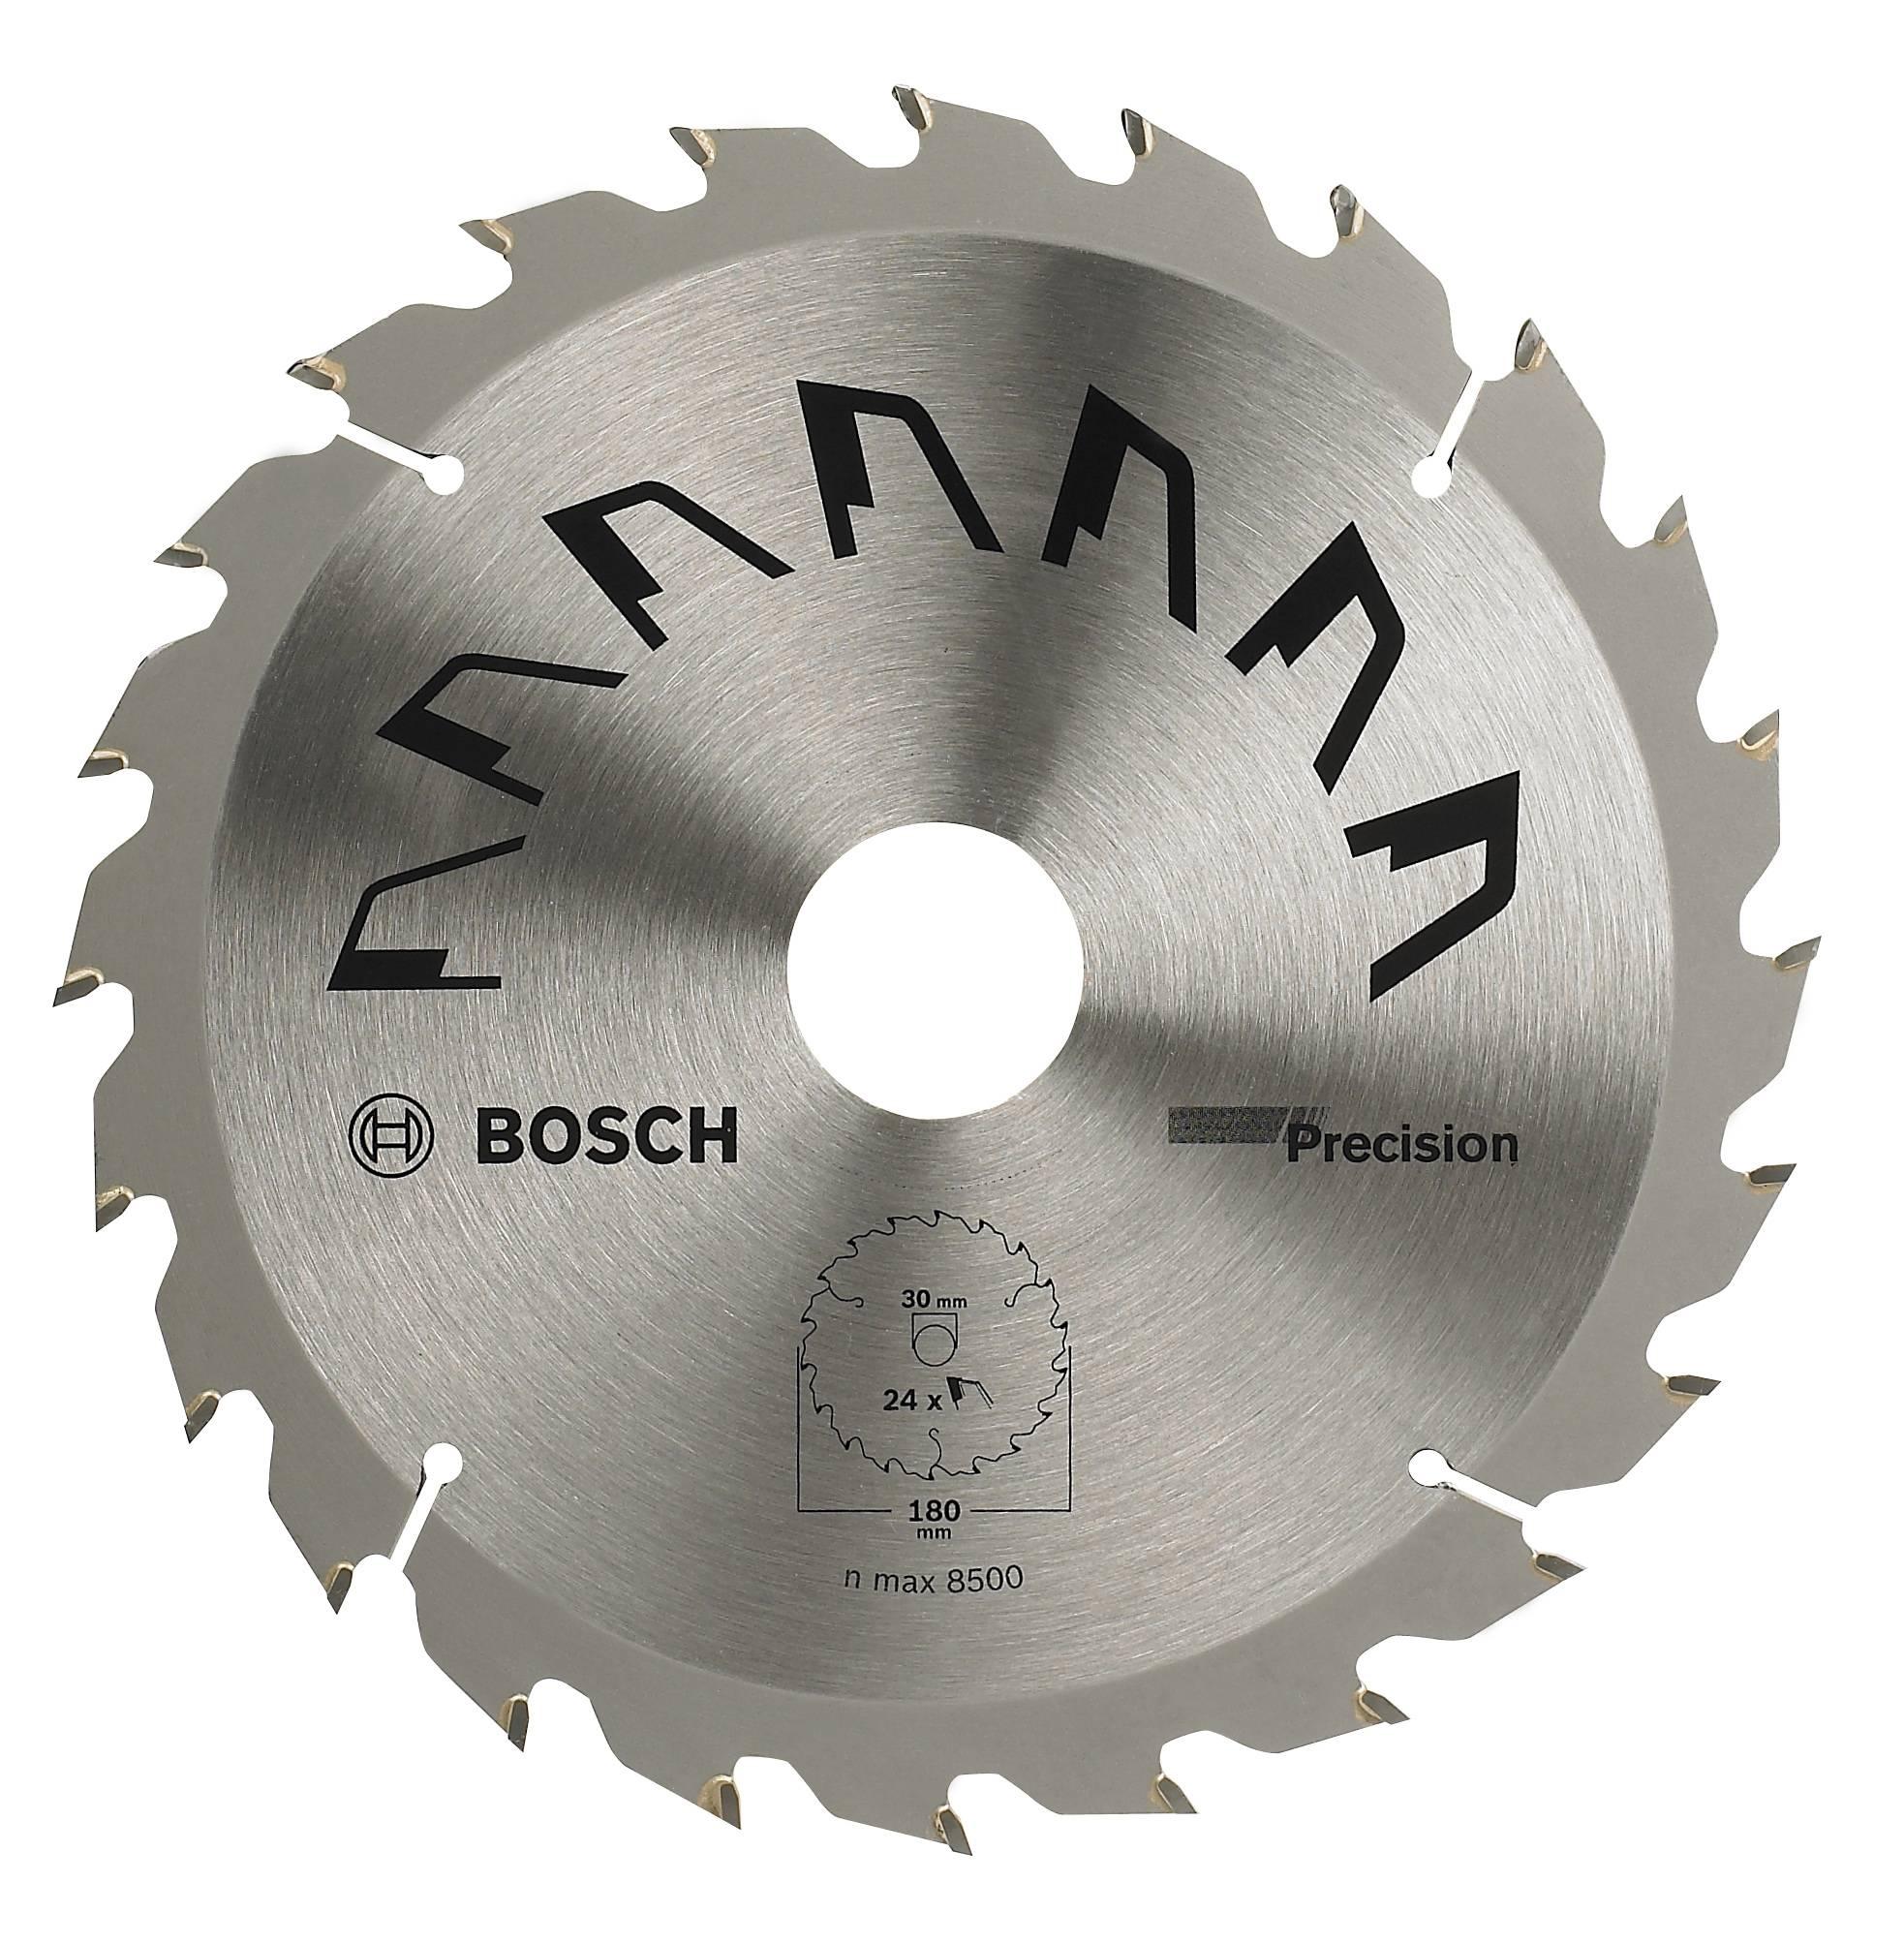 Precision Scie Lame Accessories 2609256860 De Circulaire Bosch Y6fy7vgb